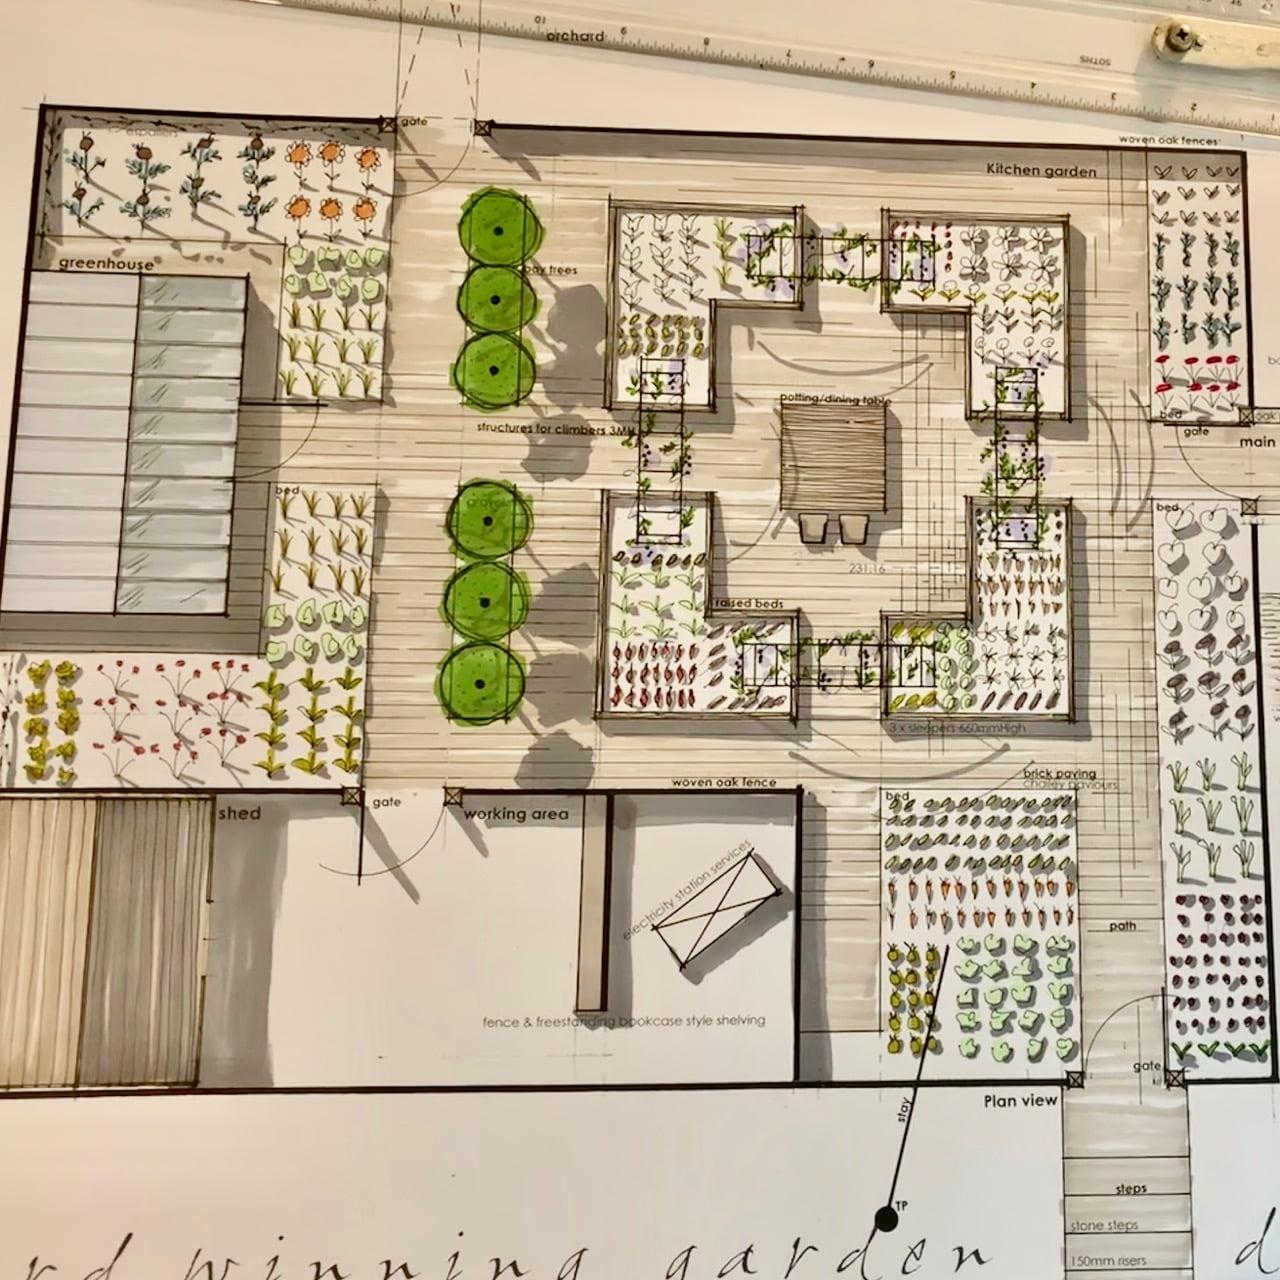 Kitchen garden by Jo Alderson Design